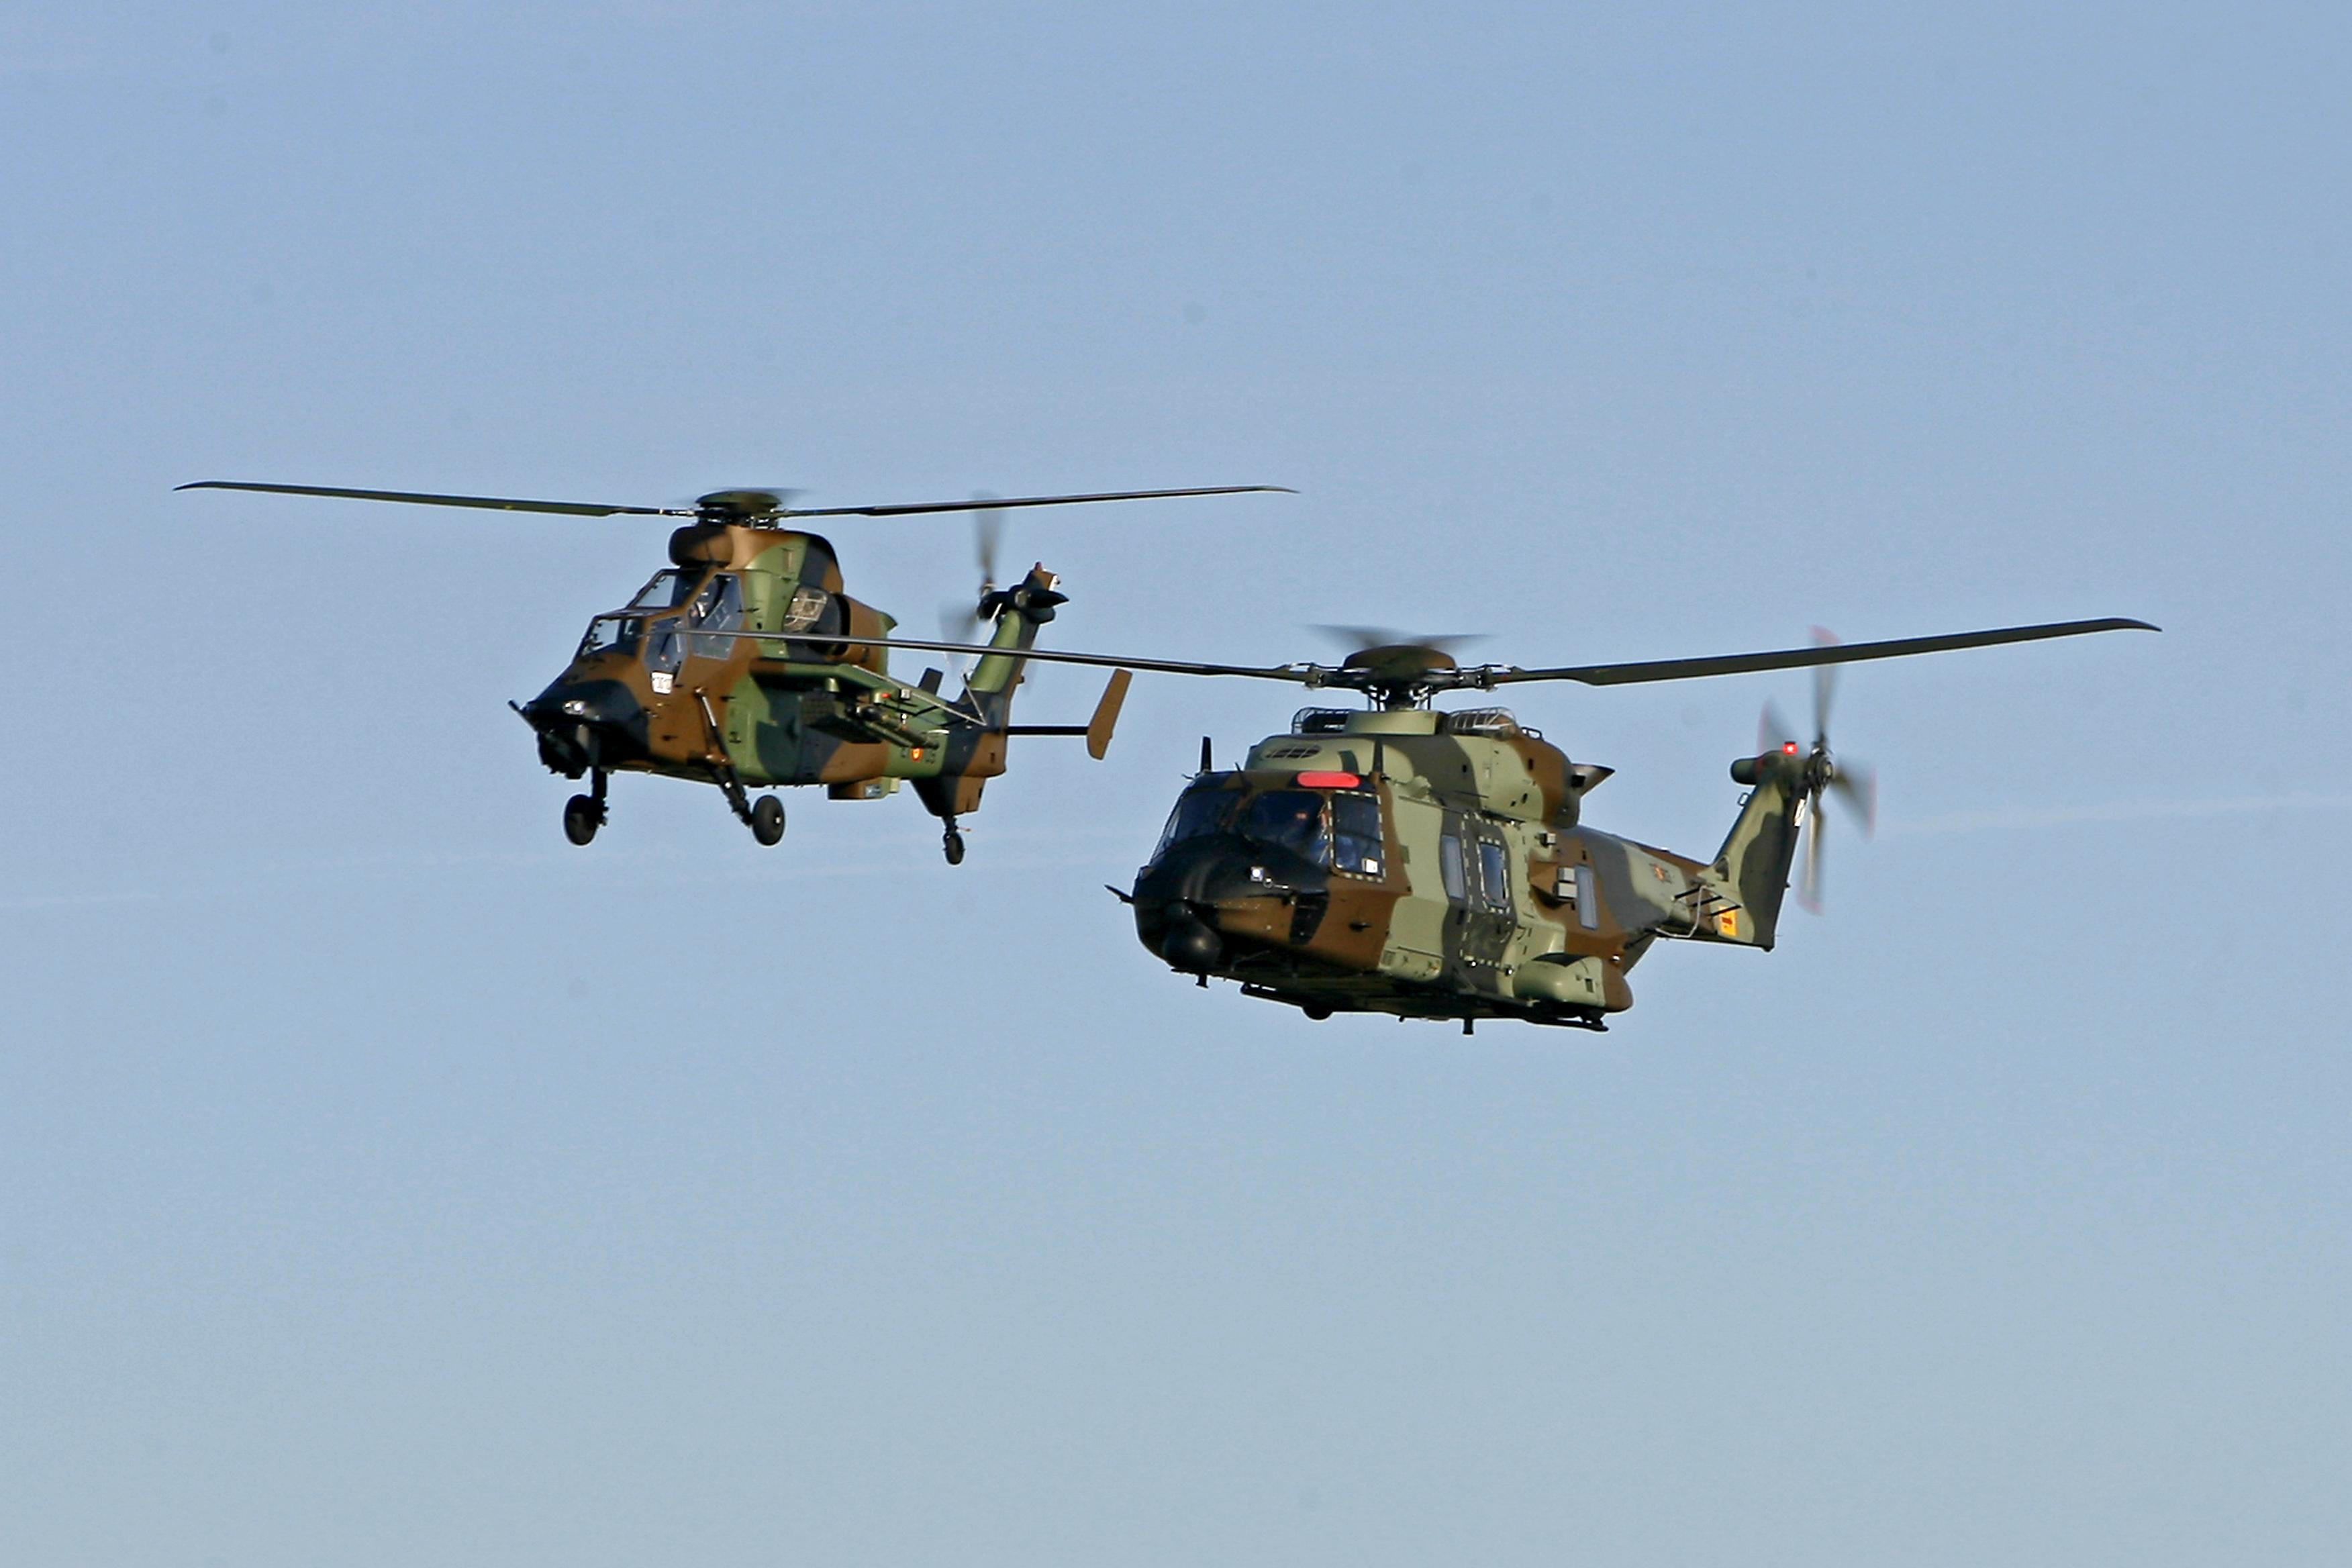 Elicottero Costo : Las famet recibirán sus primeros helicópteros nh en